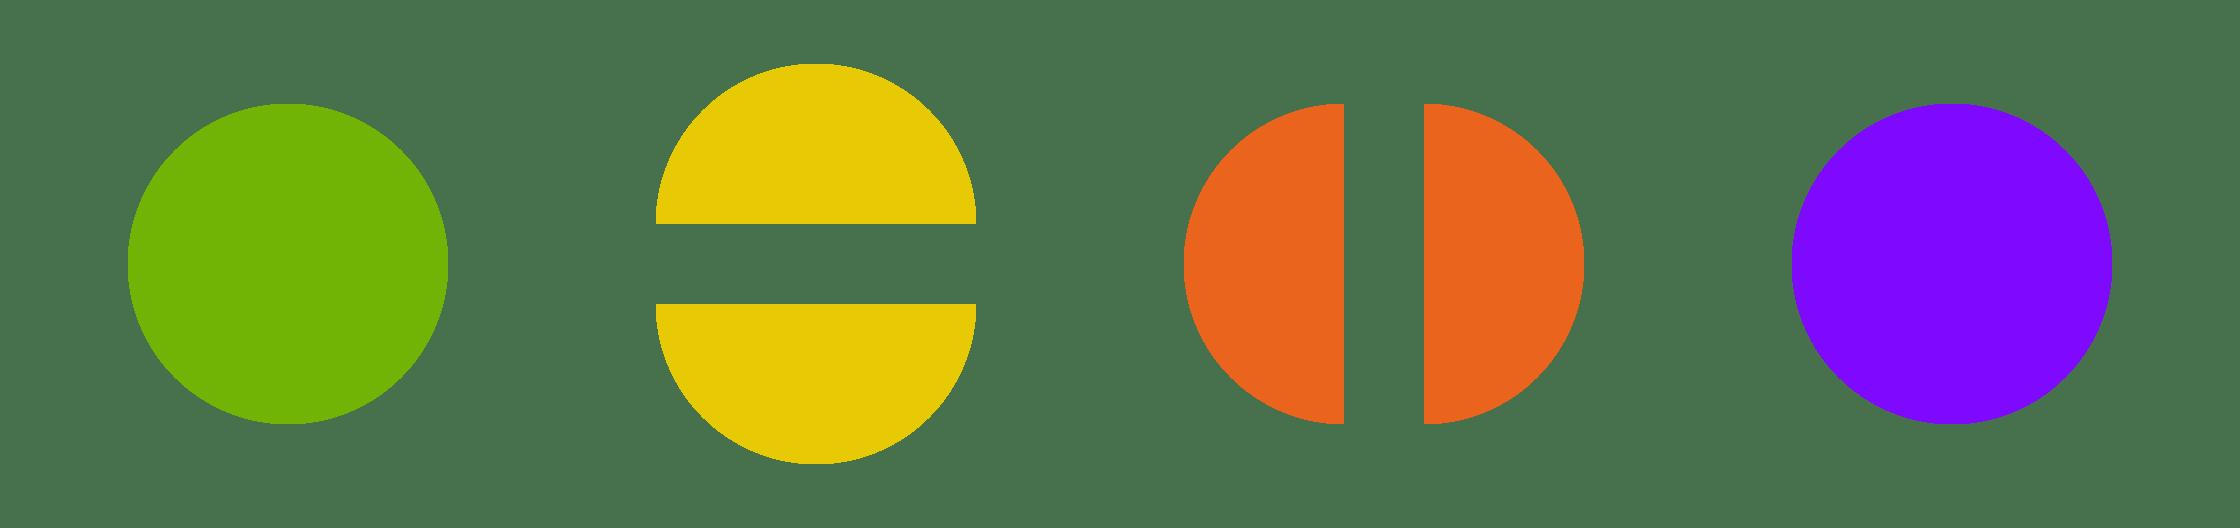 DevCon's new brand elements